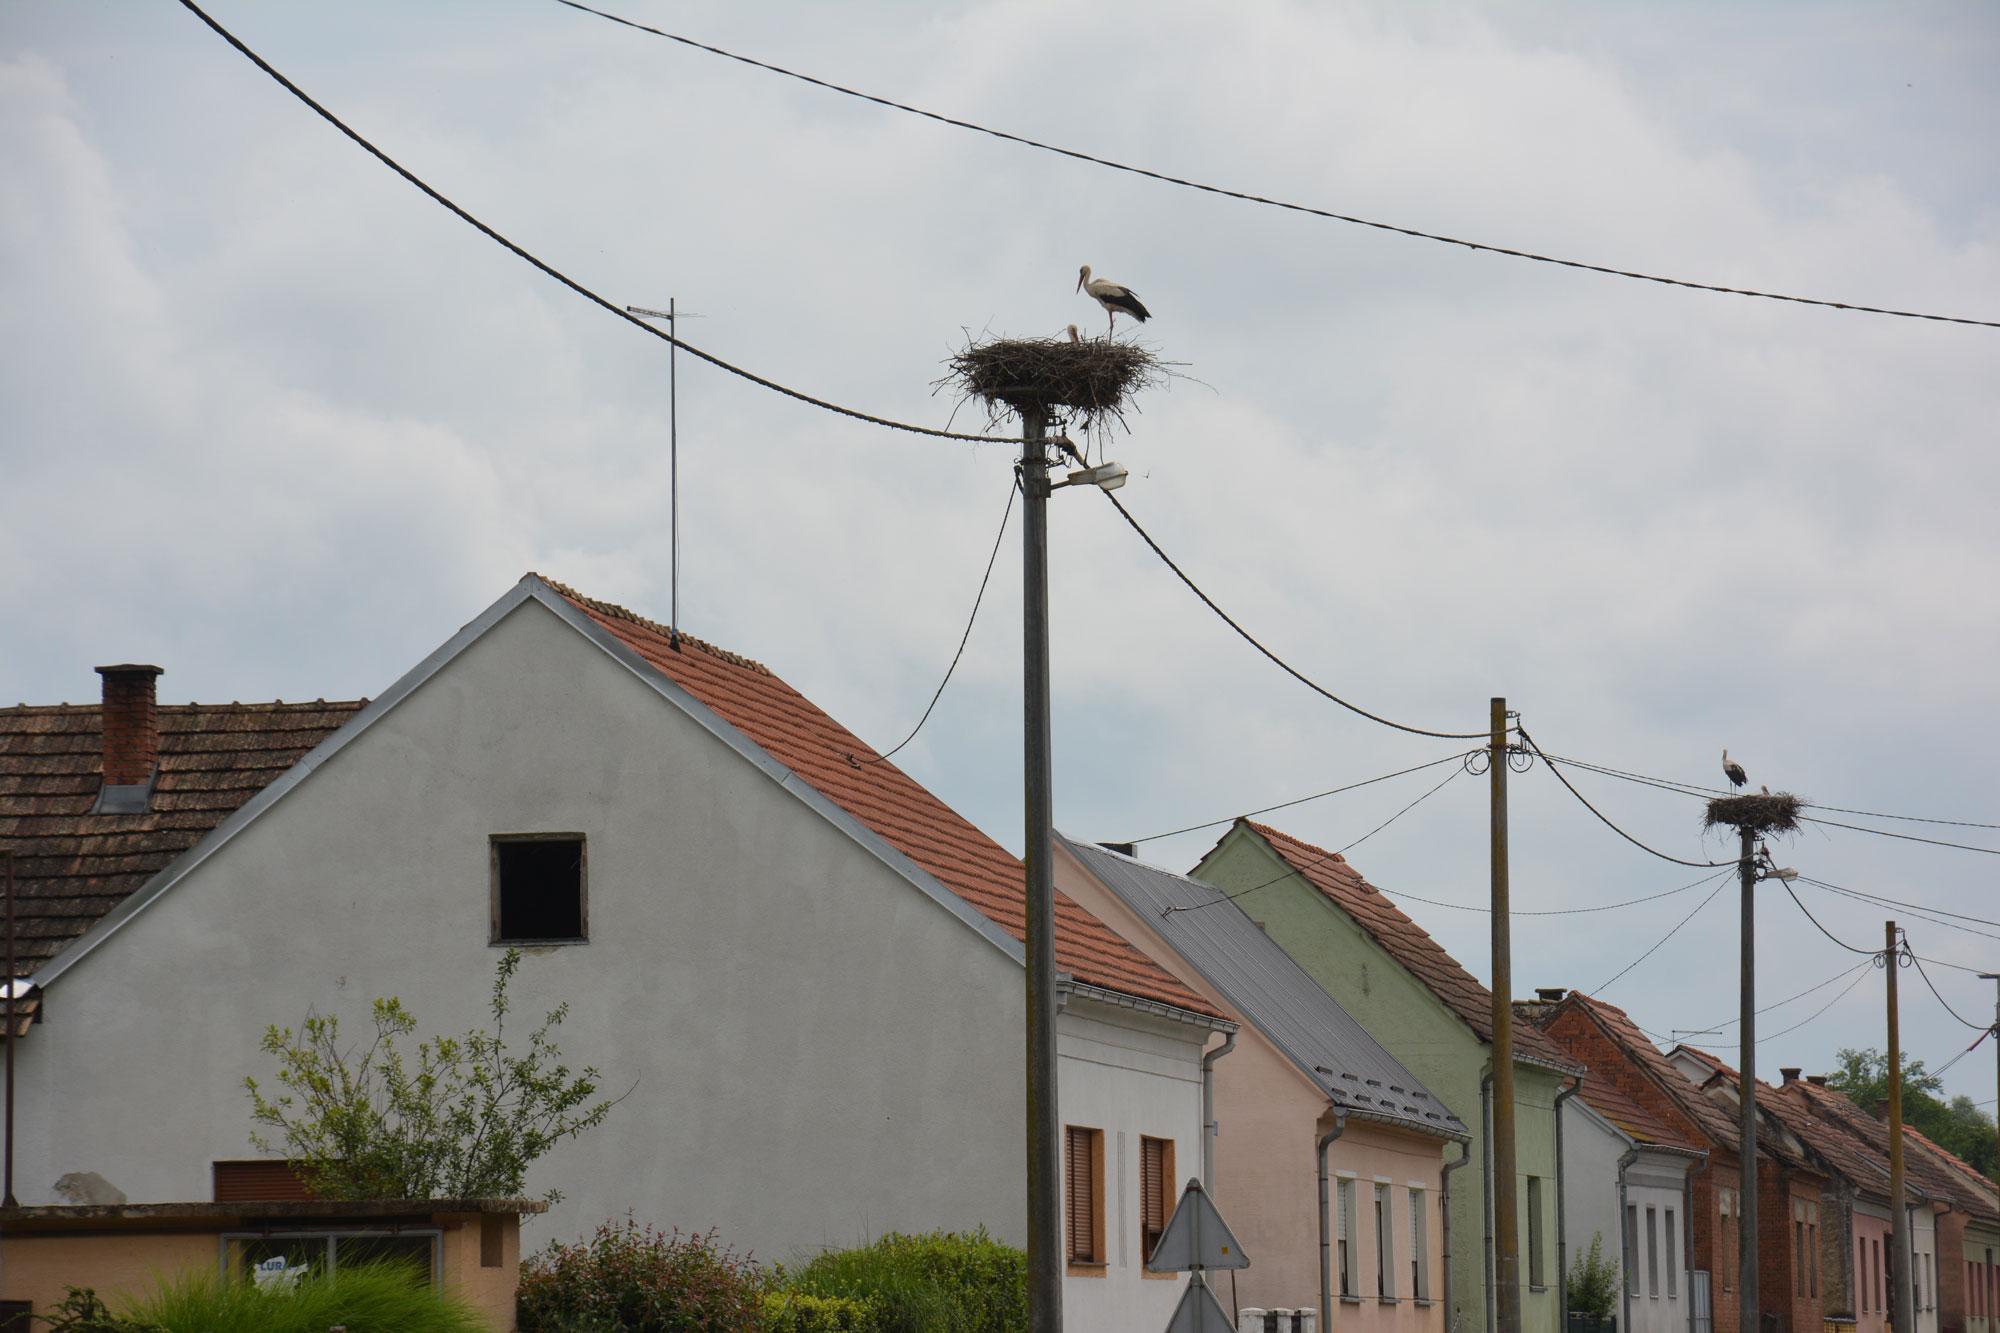 Završen monitoring bijele rode (Ciconia ciconia L.) u Bjelovarsko-bilogorskoj županiji